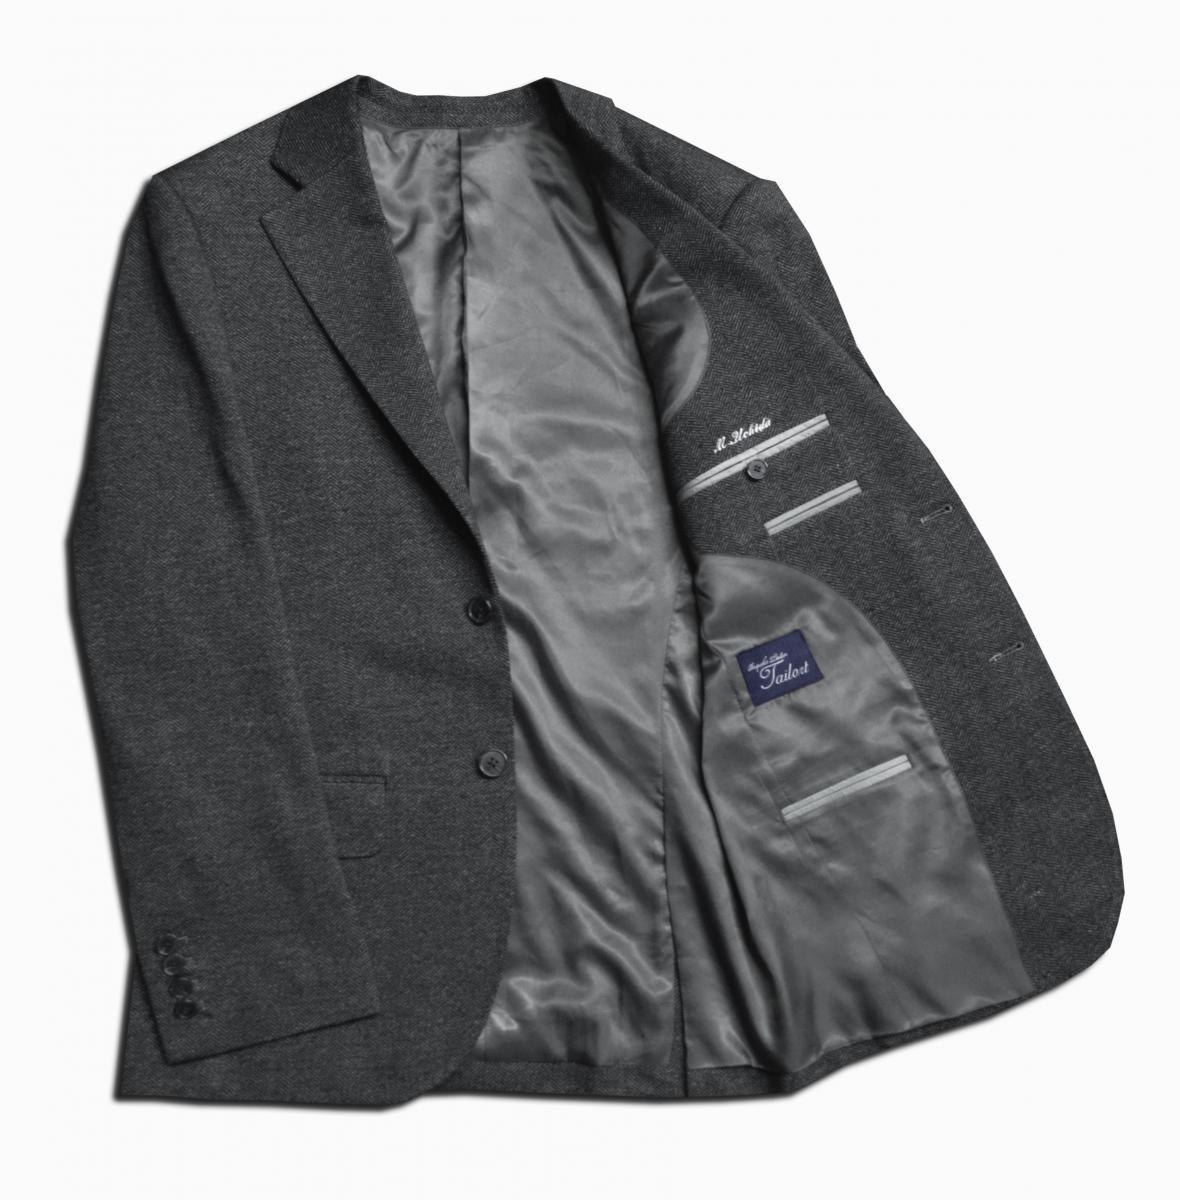 [カジュアルジャケット]ストレッチが効いた柔らかい着心地が魅力の一着!